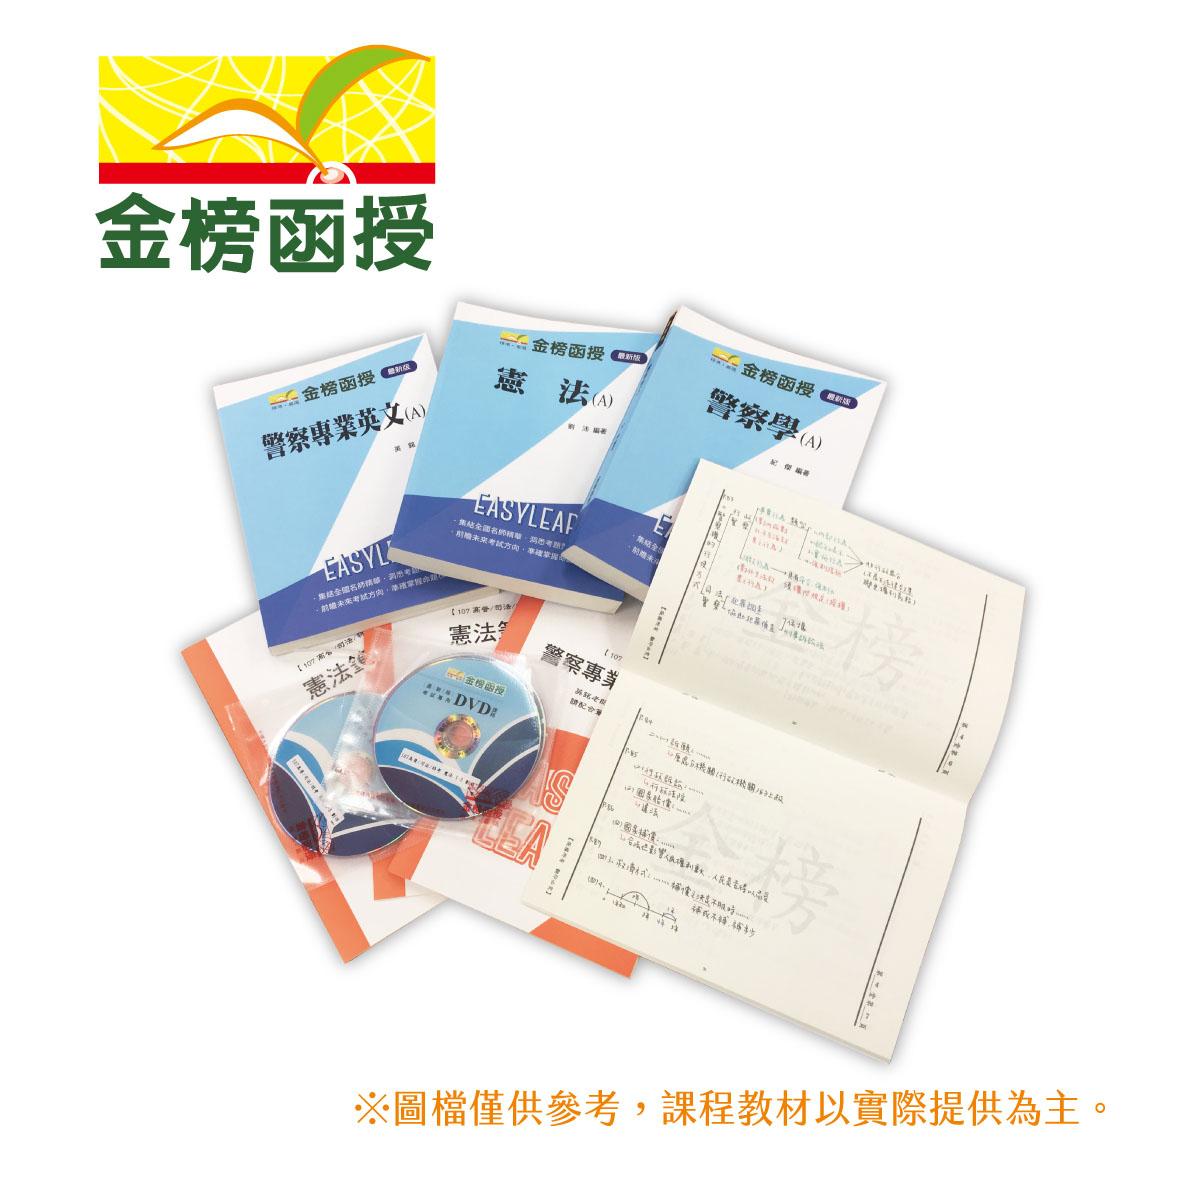 108金榜函授/高考三级/年度课程/全套/法律廉政/DVD